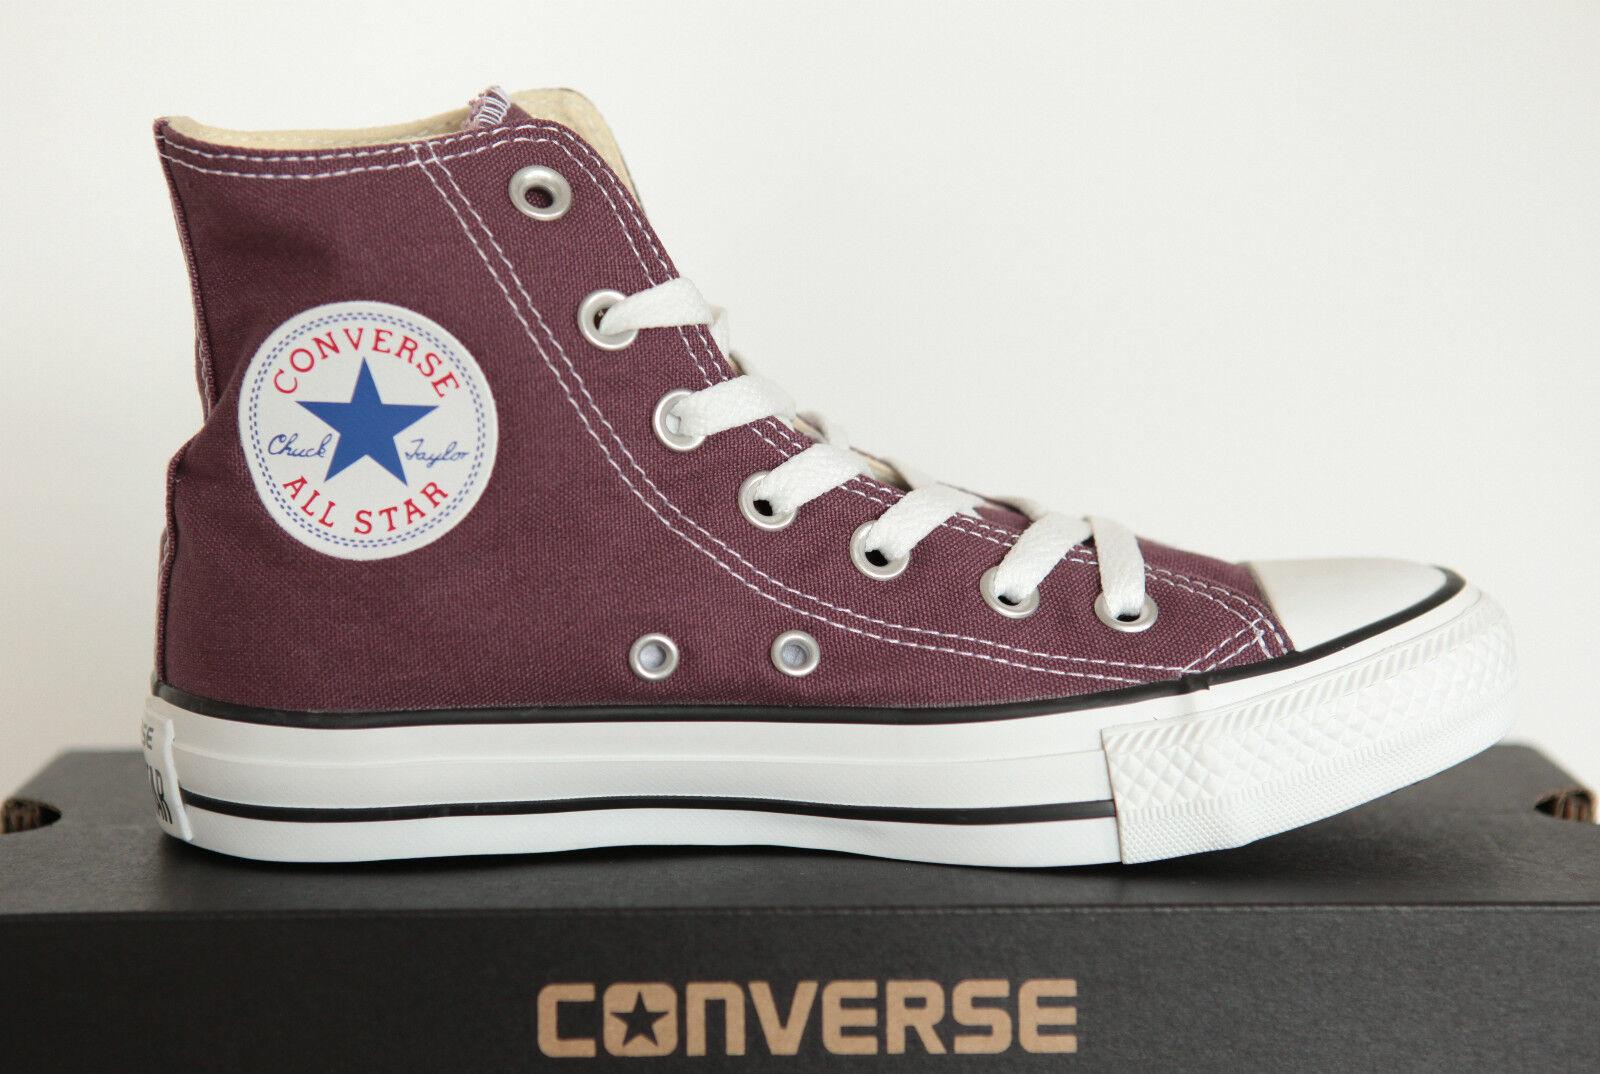 Neu All Star Converse Chucks hi 135287c Sassafras Sneaker (69) 6-13 Gr.36,5